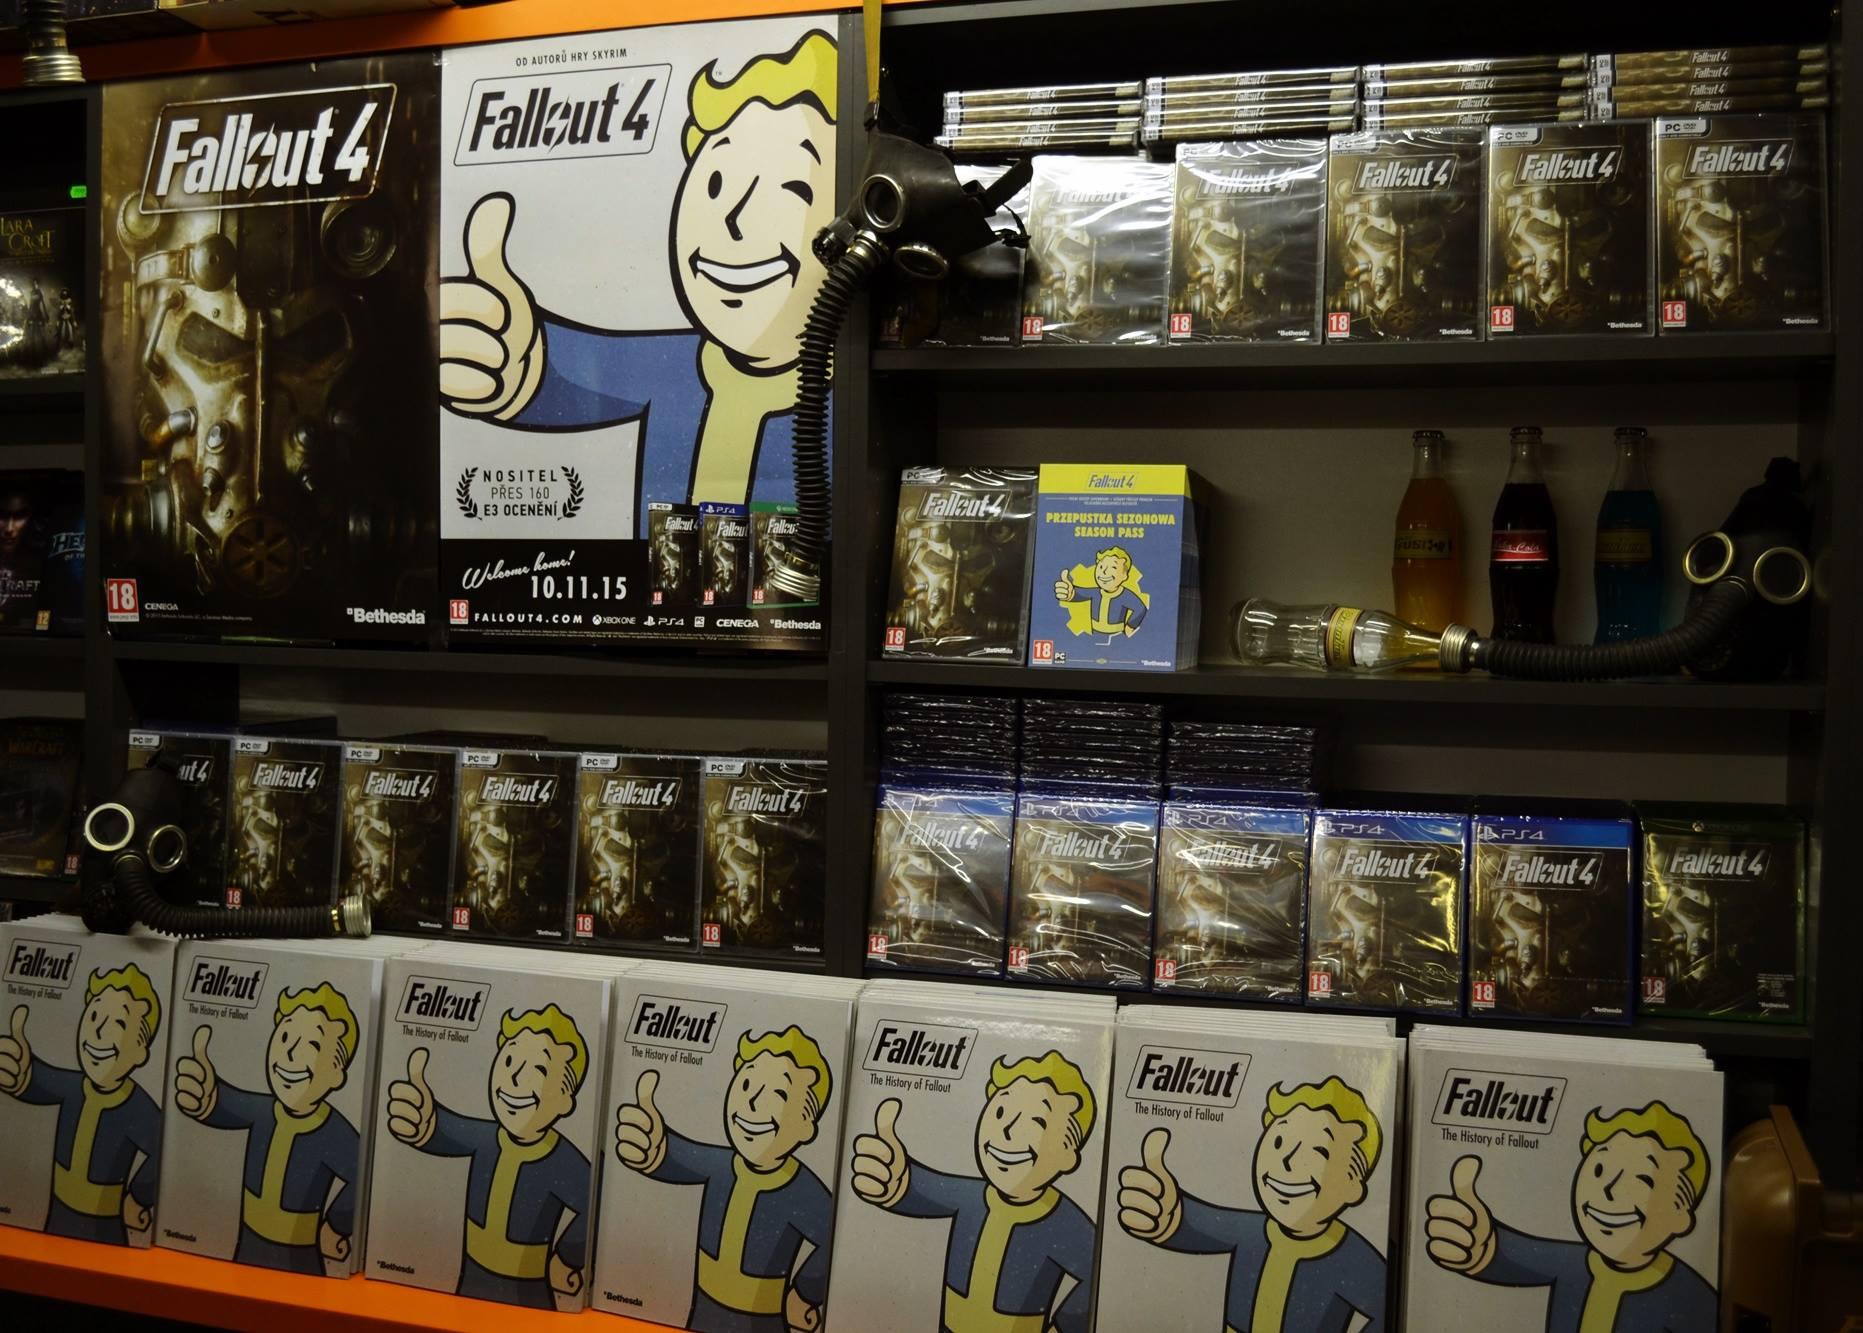 Fotky z půlnočního prodeje Falloutu 4 116142